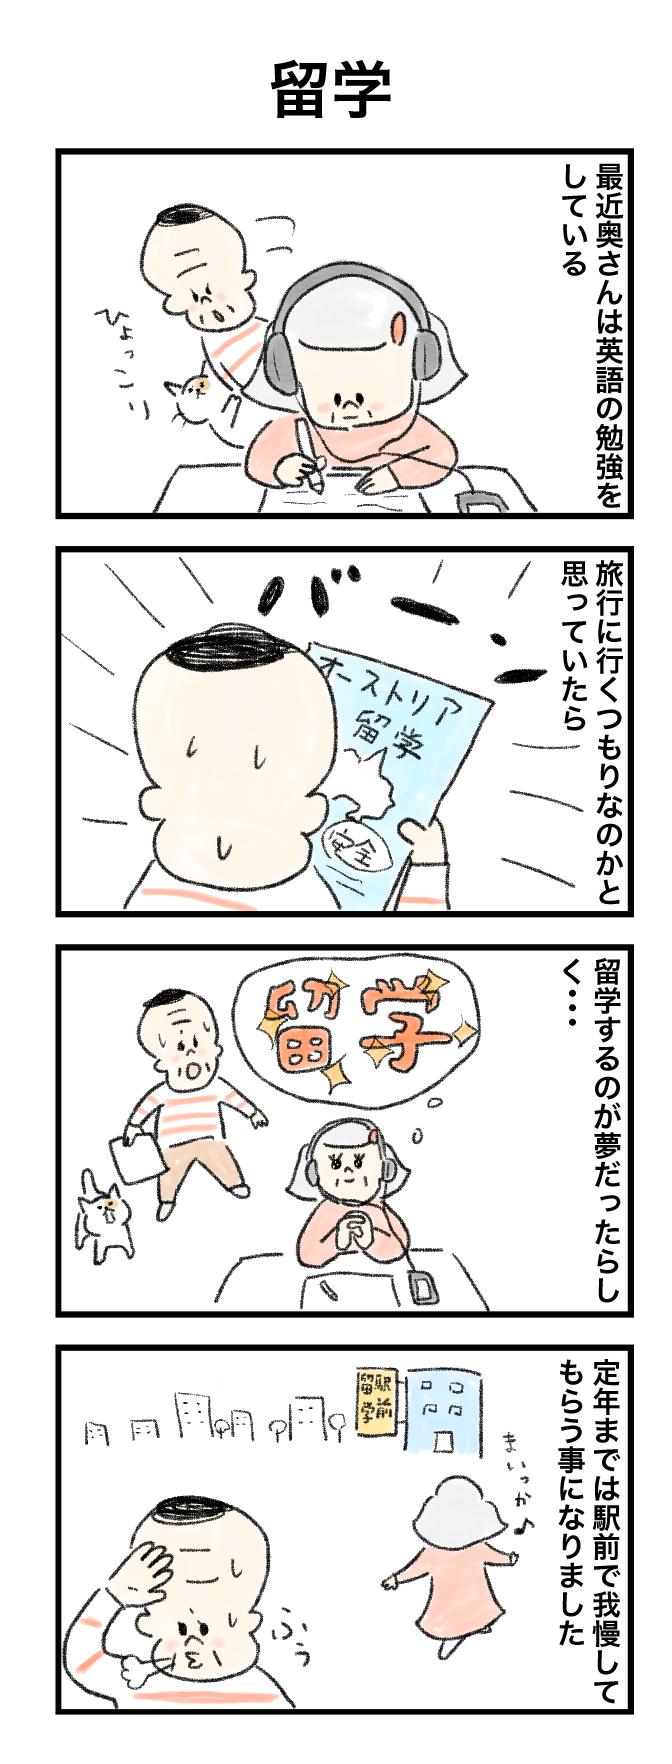 今日の泉谷さん【35】 作:カワサキヒロシ「留学」